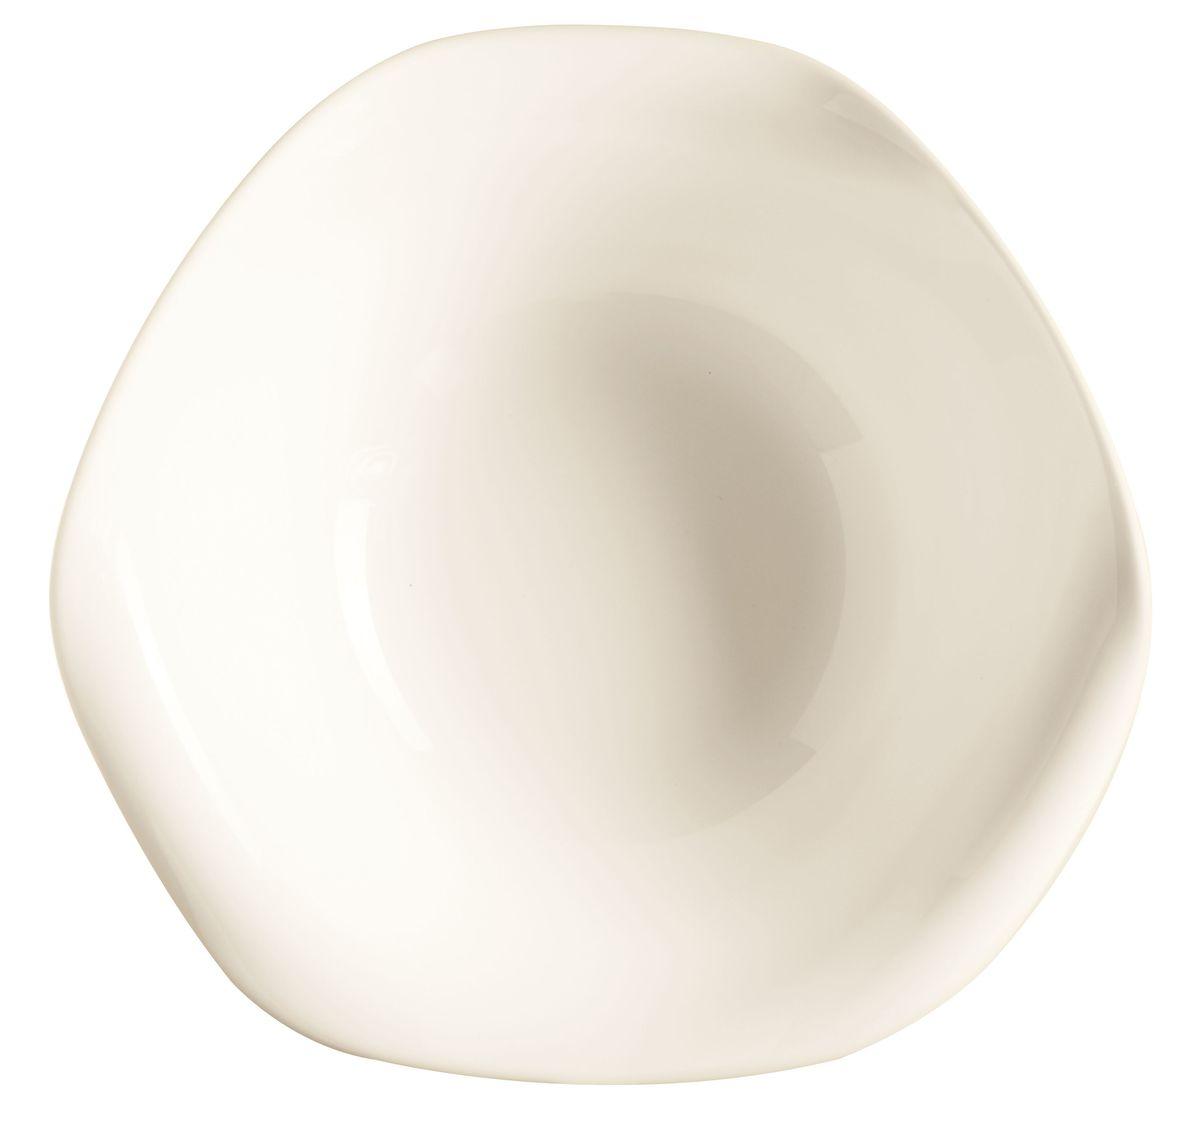 Тарелка Luminarc Volare, диаметр 27 см115610Тарелка классической формы Luminarc Volare, диаметром 27 см, дополнит любой кухонный набор. Тарелка белоснежного цвета изготовлена из высококачественного ударопрочного стекла, которое не впитывает запахи и обладает антибактериальными свойствами. Посуду Luminarc можно мыть в посудомоечной машине и использовать в микроволновой печи.